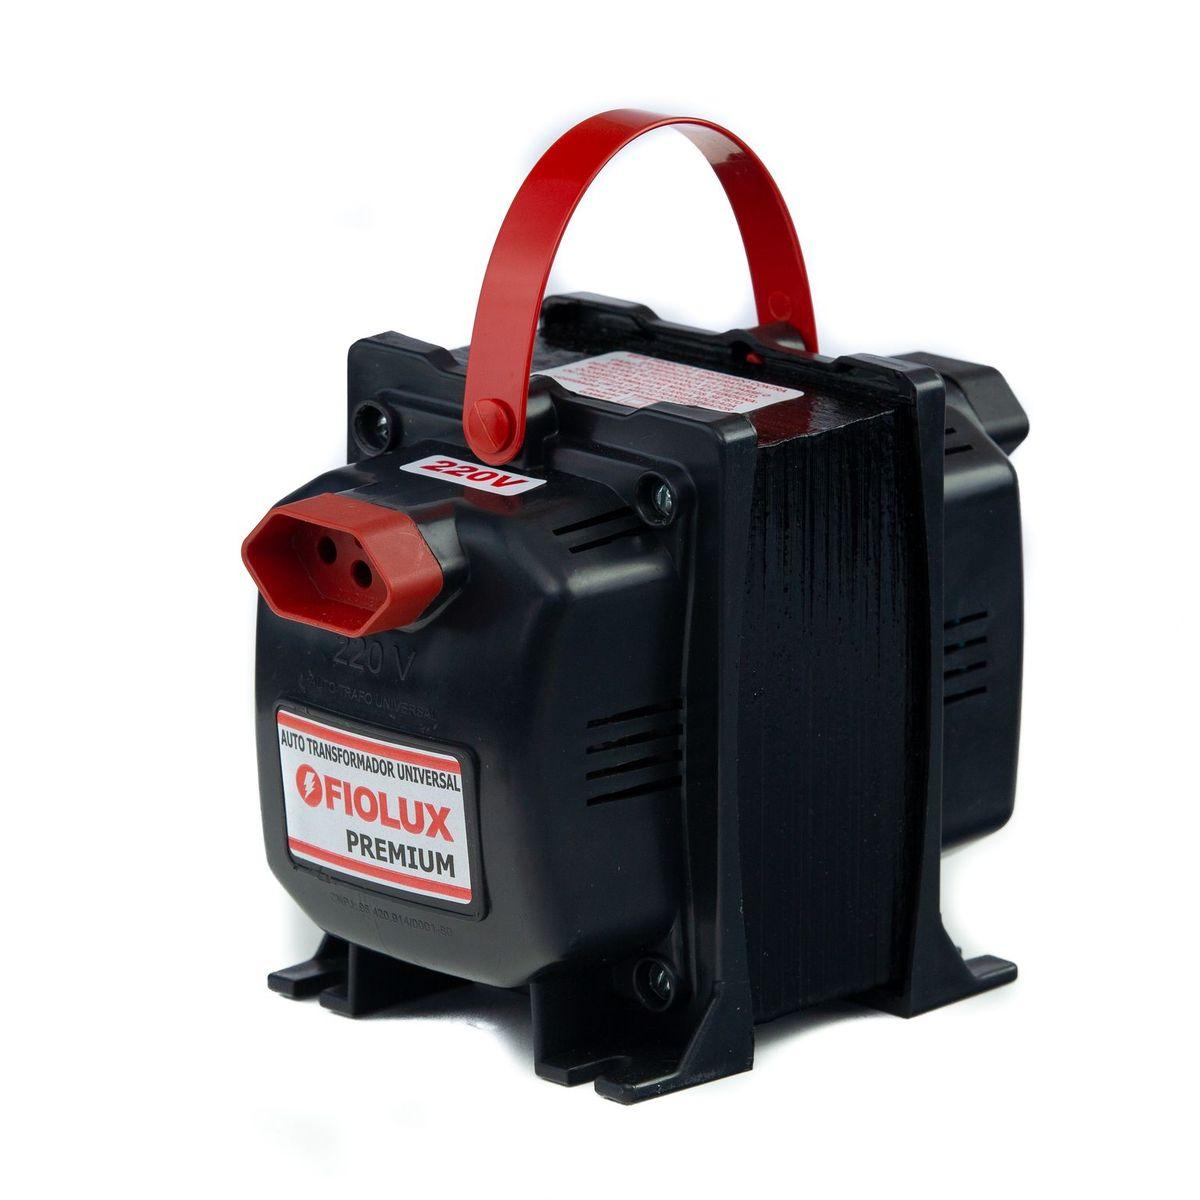 Transformador Fiolux Premium Tripolar 5000VA Bivolt 110/220 e 220/110 Ref: 5000 VA